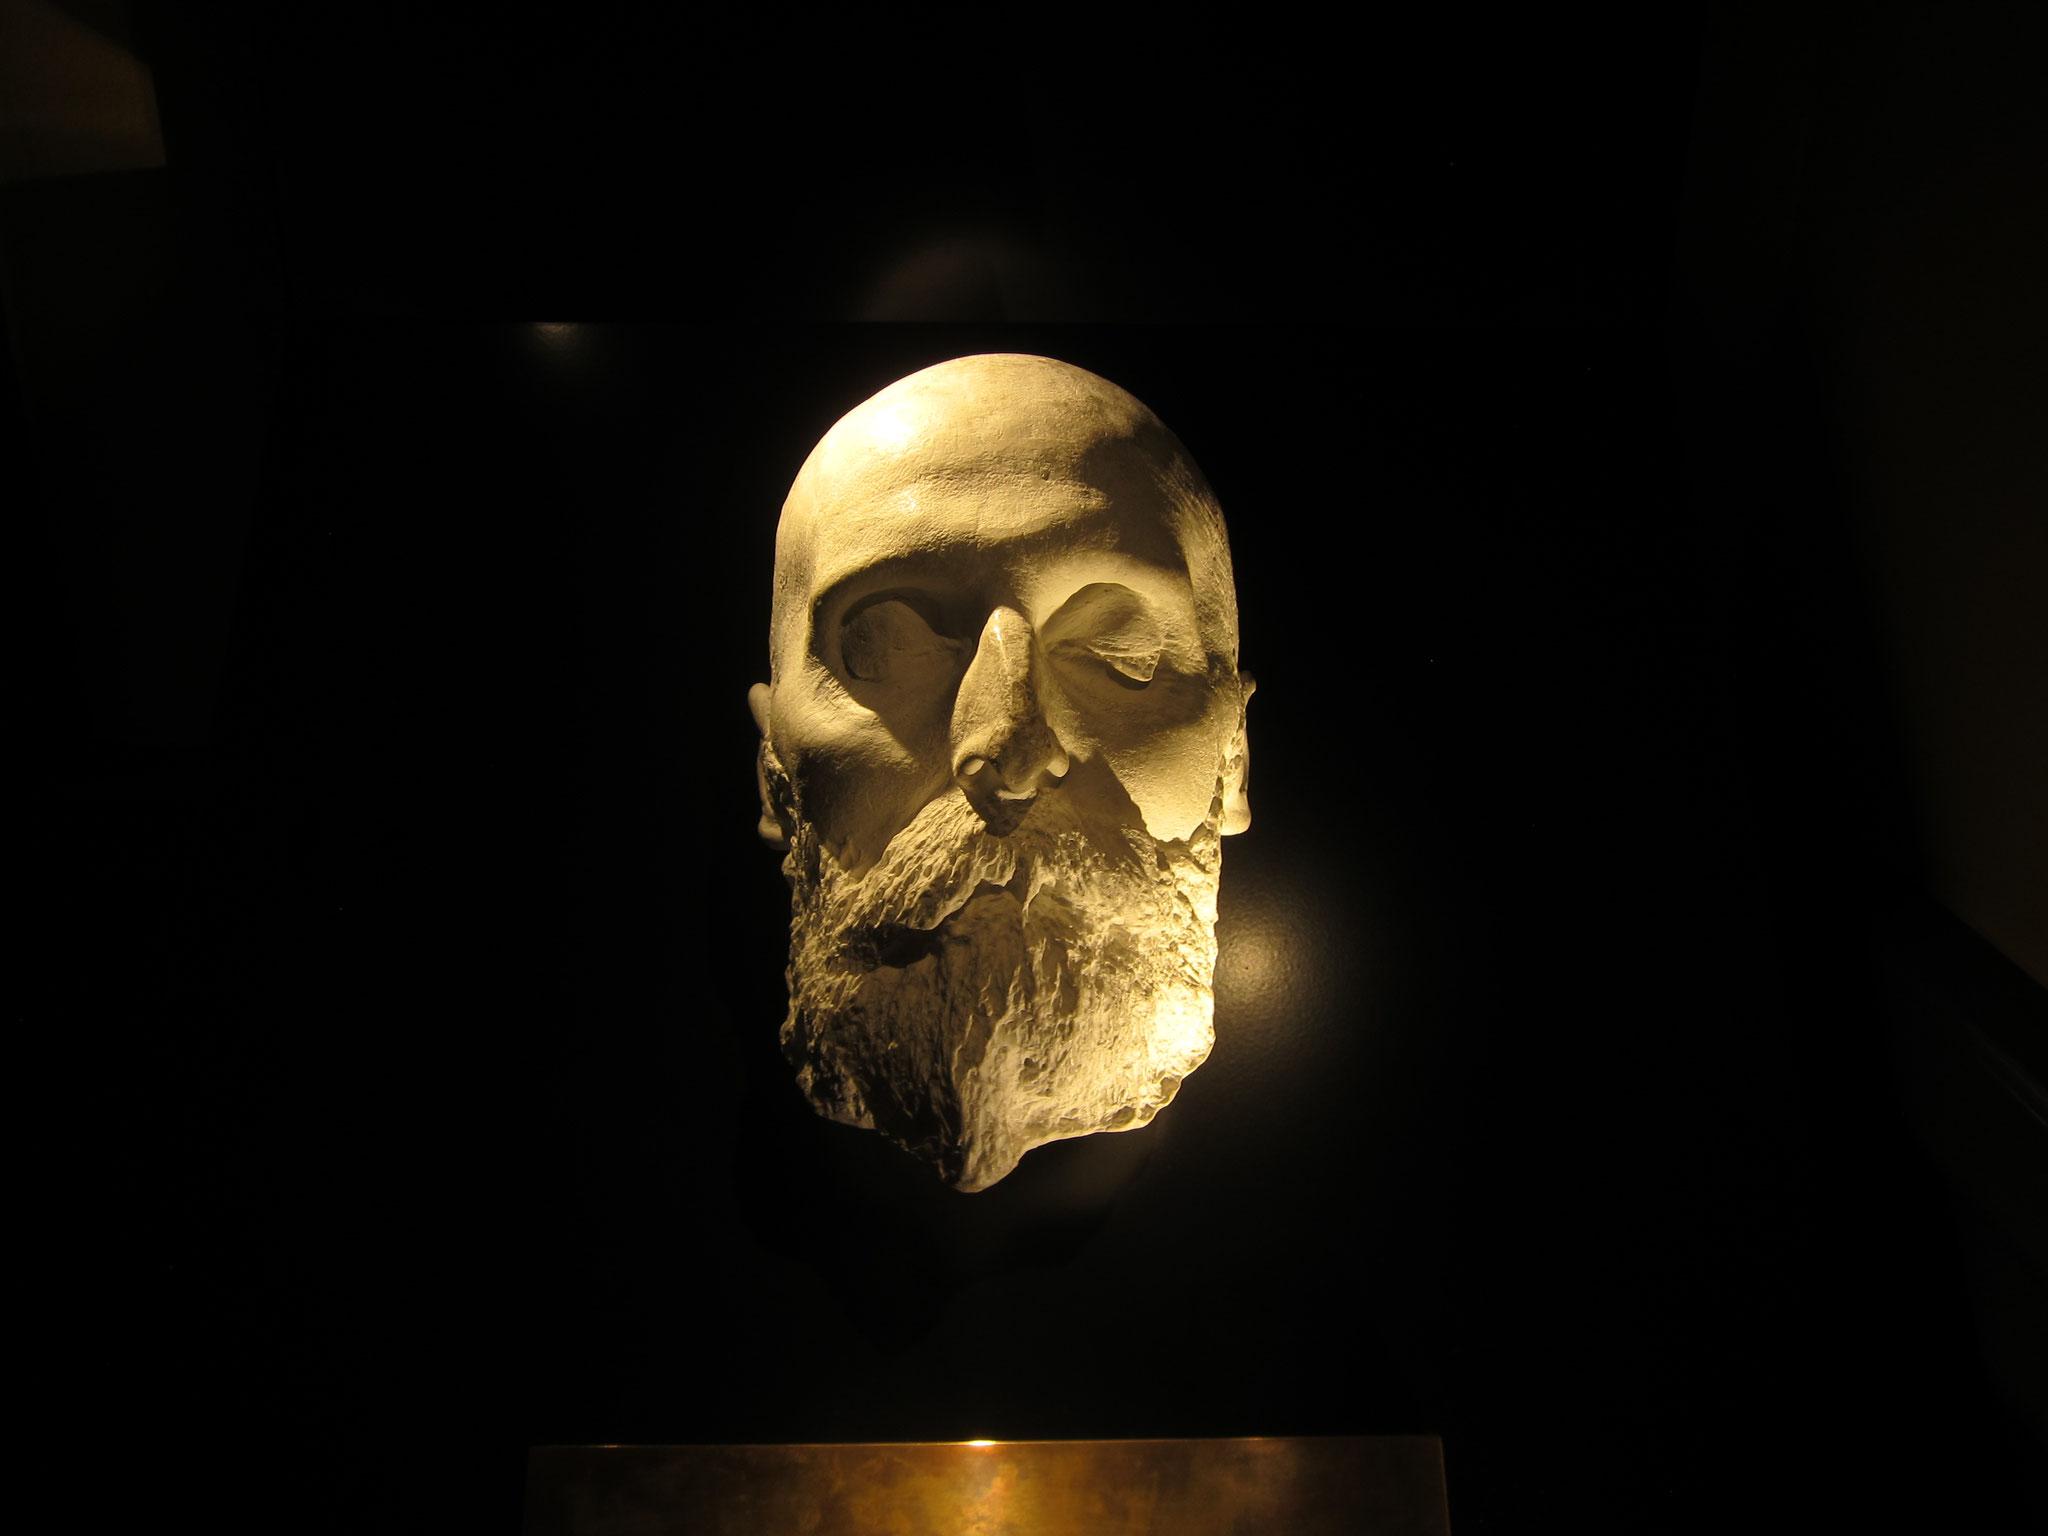 ノーベルさんのデスマスク